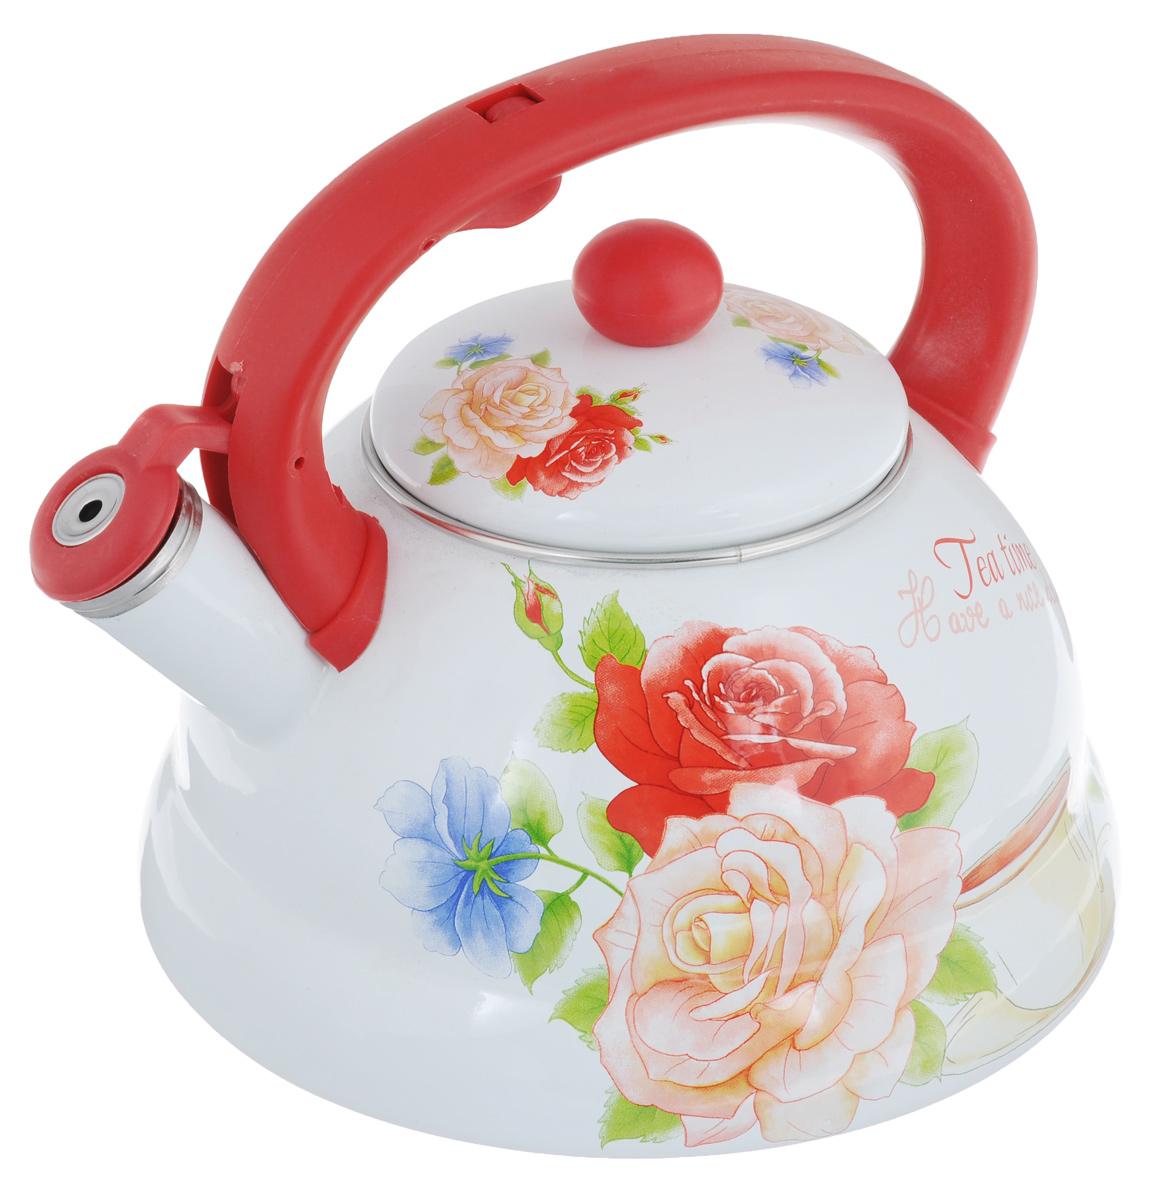 Чайник эмалированный Mayer & Boch Розы, со свистком, 3 л23083Чайник Mayer & Boch Розы выполнен из высококачественной углеродистой стали. Капсулированное дно с прослойкой из алюминия обеспечивает наилучшее распределение тепла. Носик чайника оснащен насадкой-свистком, что позволит вам контролировать процесс подогрева или кипячения воды. Фиксированная бакелитовая ручка дает дополнительное удобство при разлитии напитка. Поверхность чайника гладкая, что облегчает уход за ним.Эстетичный и функциональный, с эксклюзивным дизайном, чайник будет оригинально смотреться в любом интерьере. Подходит для всех типов плит, включая индукционные. Можно мыть в посудомоечной машине.Высота чайника (без учета ручки и крышки): 12 см. Высота чайника (с учетом ручки и крышки): 20 см Диаметр чайника (по верхнему краю): 12 см.